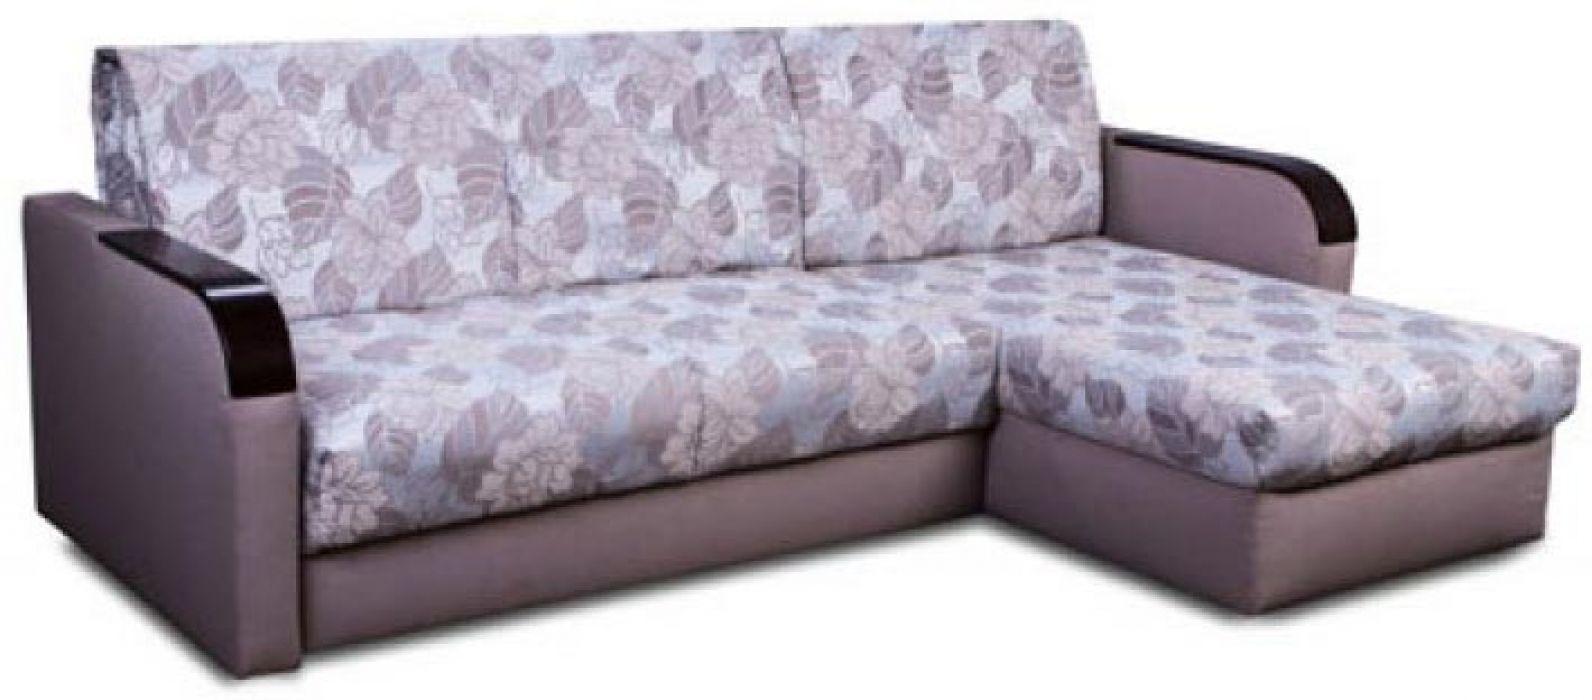 диван угловой фаворит Nv купить за 17002 грн в софино диван